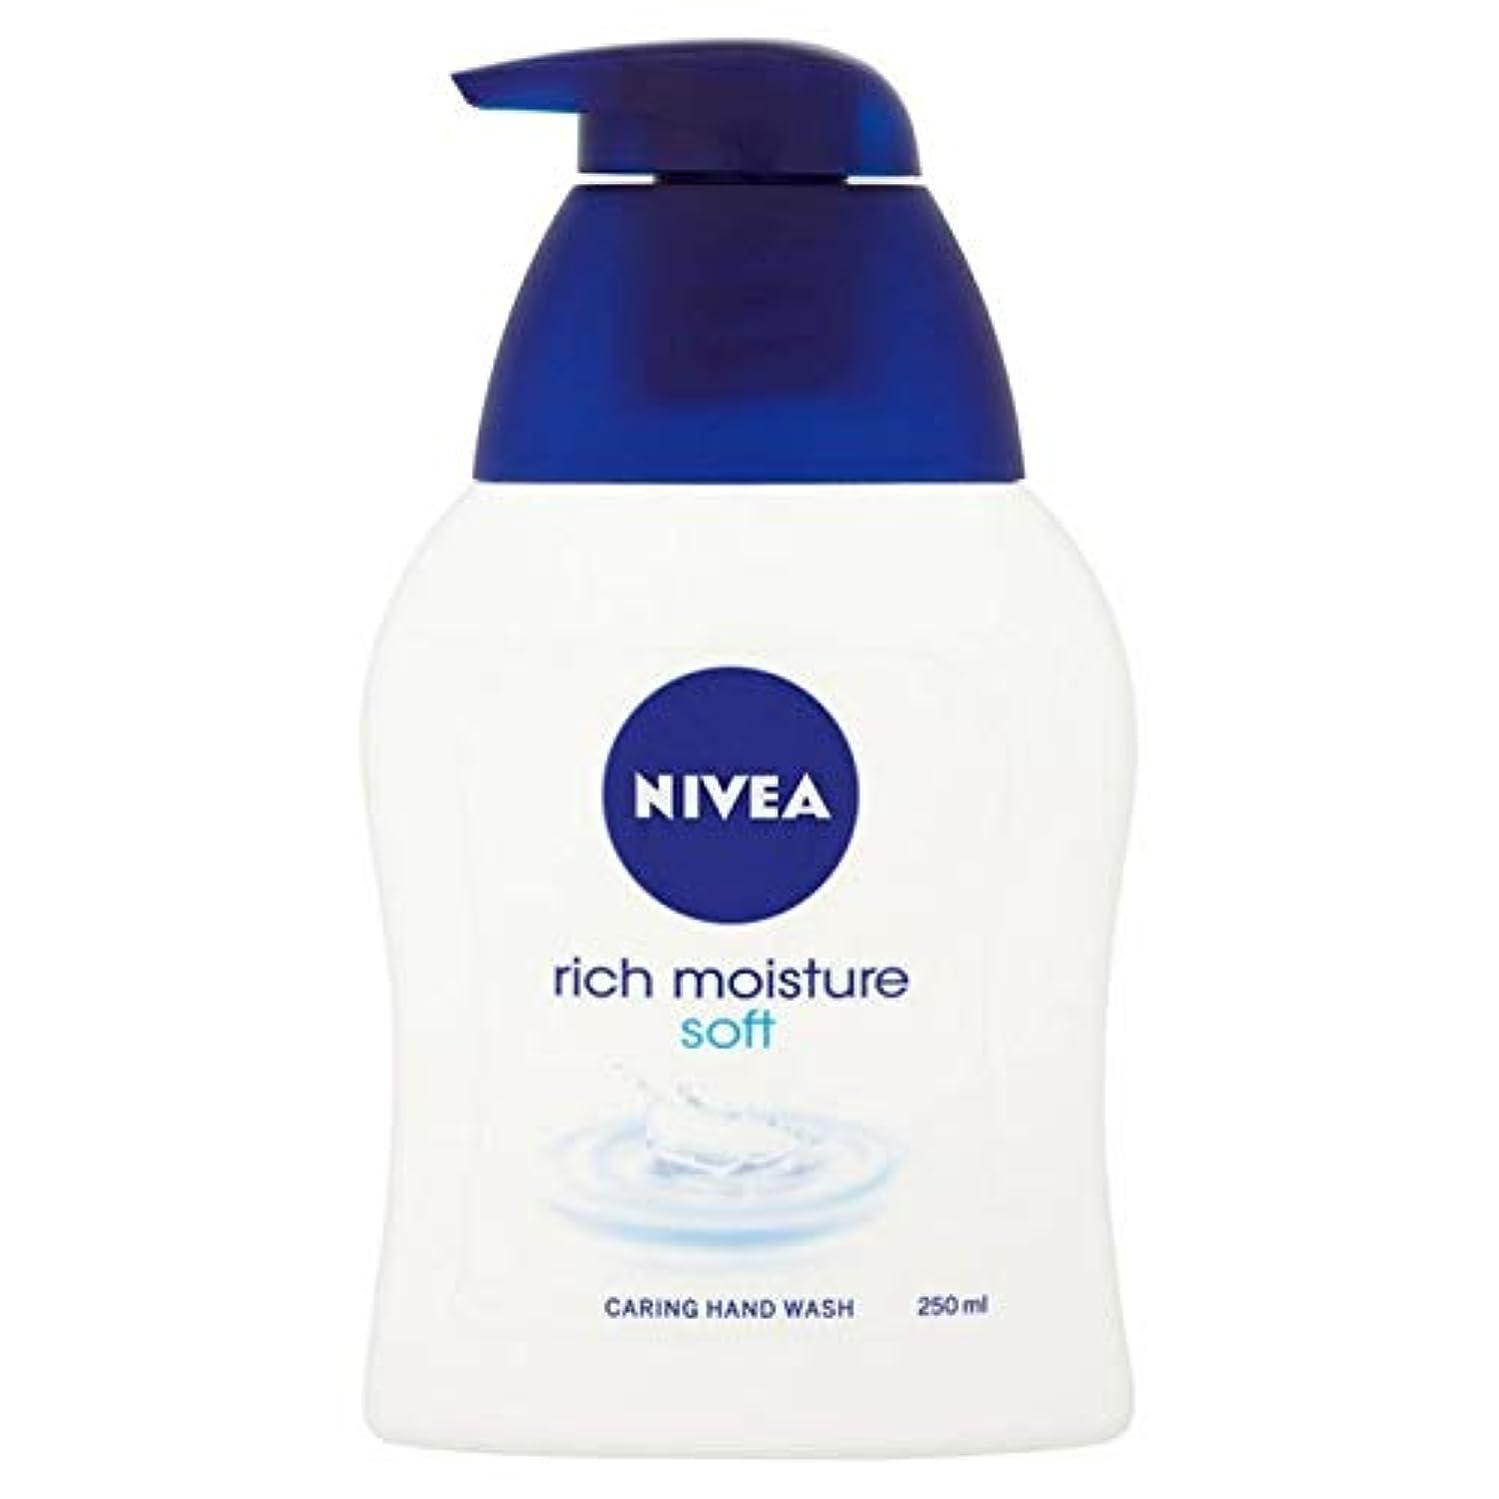 負担動もちろん[Nivea ] ニベア豊富な水分ソフト思いやり手洗いの250ミリリットル - Nivea Rich Moisture Soft Caring Hand Wash 250ml [並行輸入品]